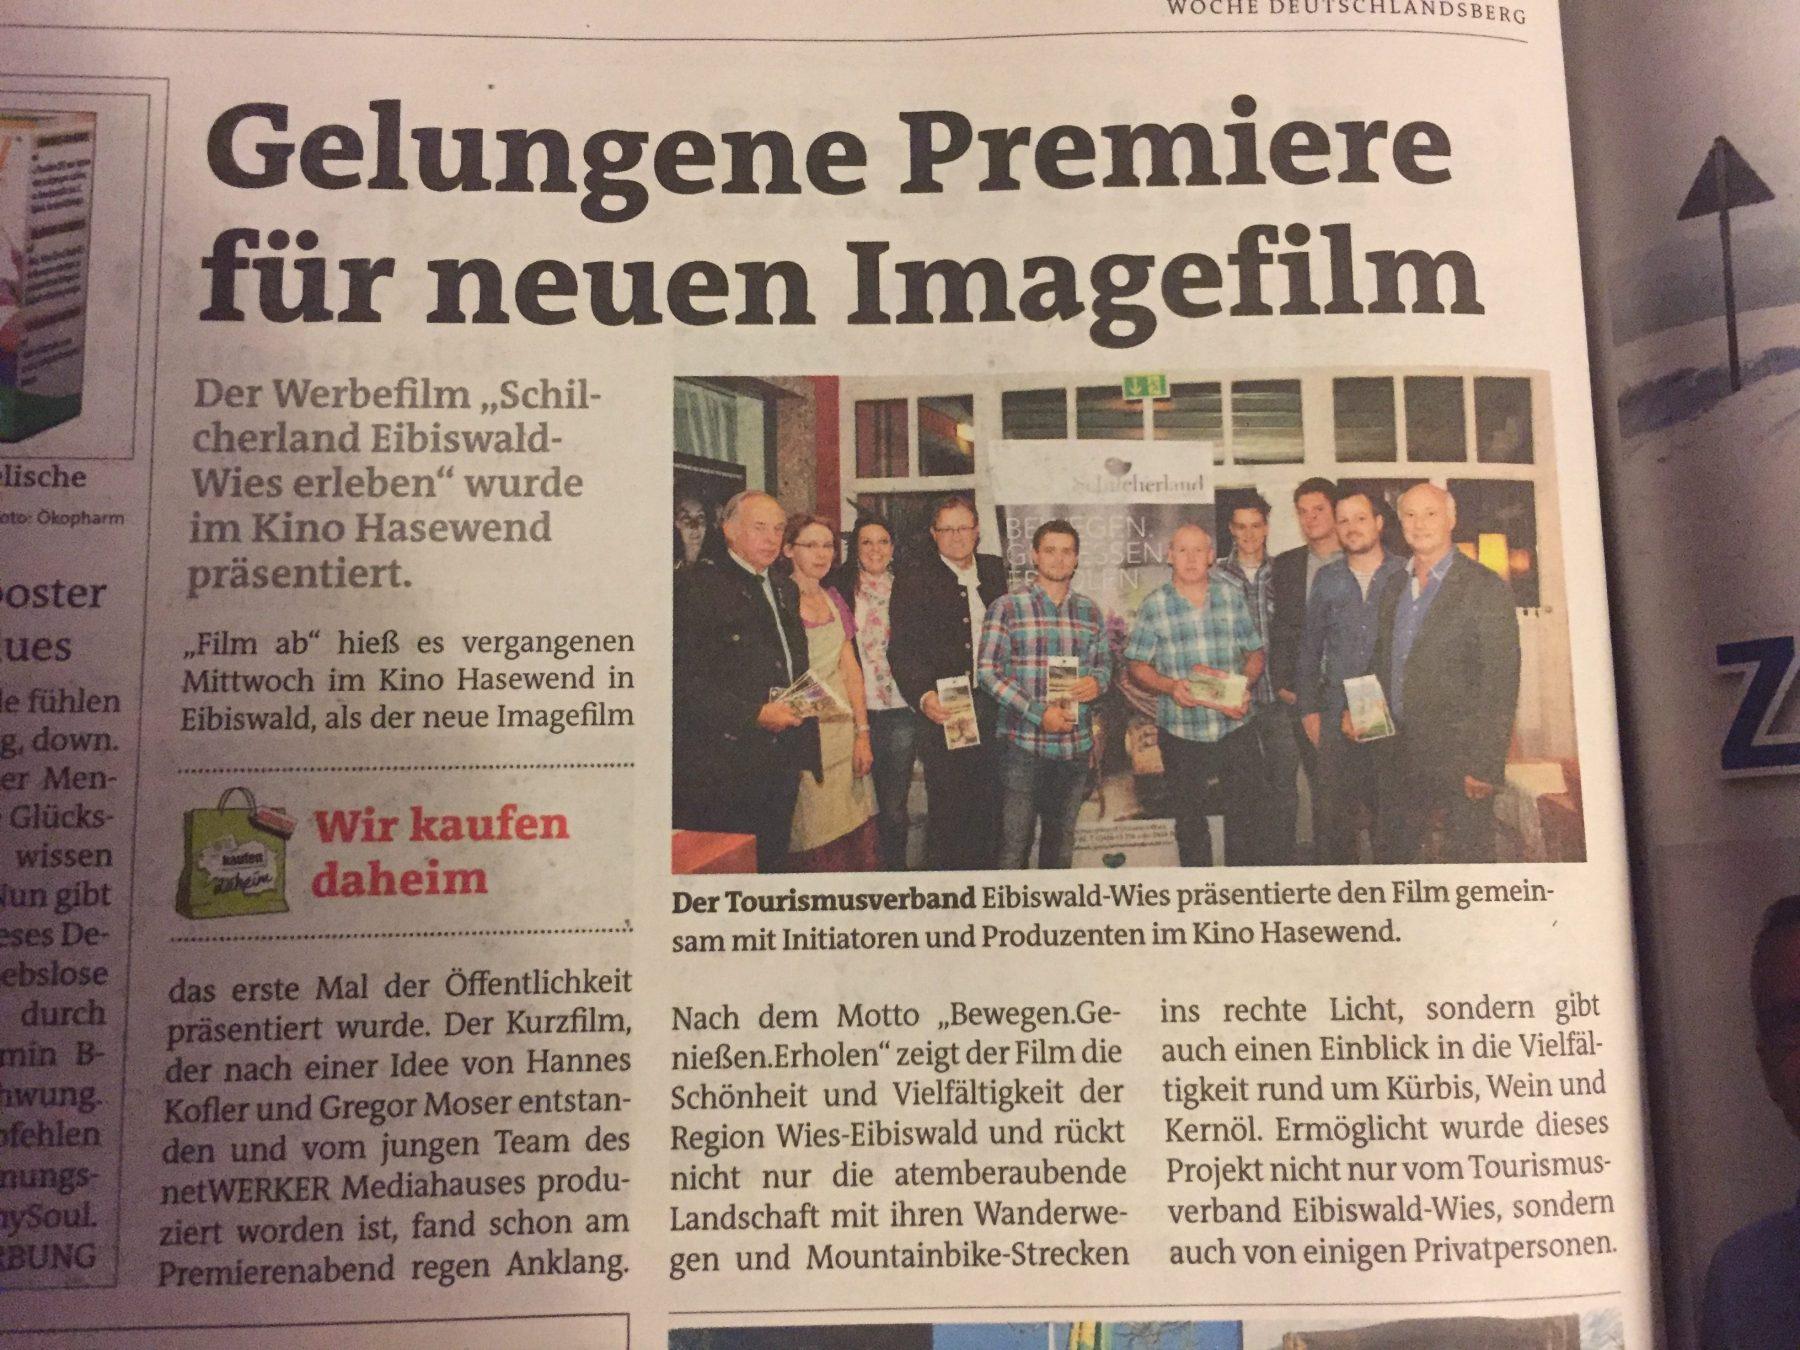 Imagefilm Schilcherland